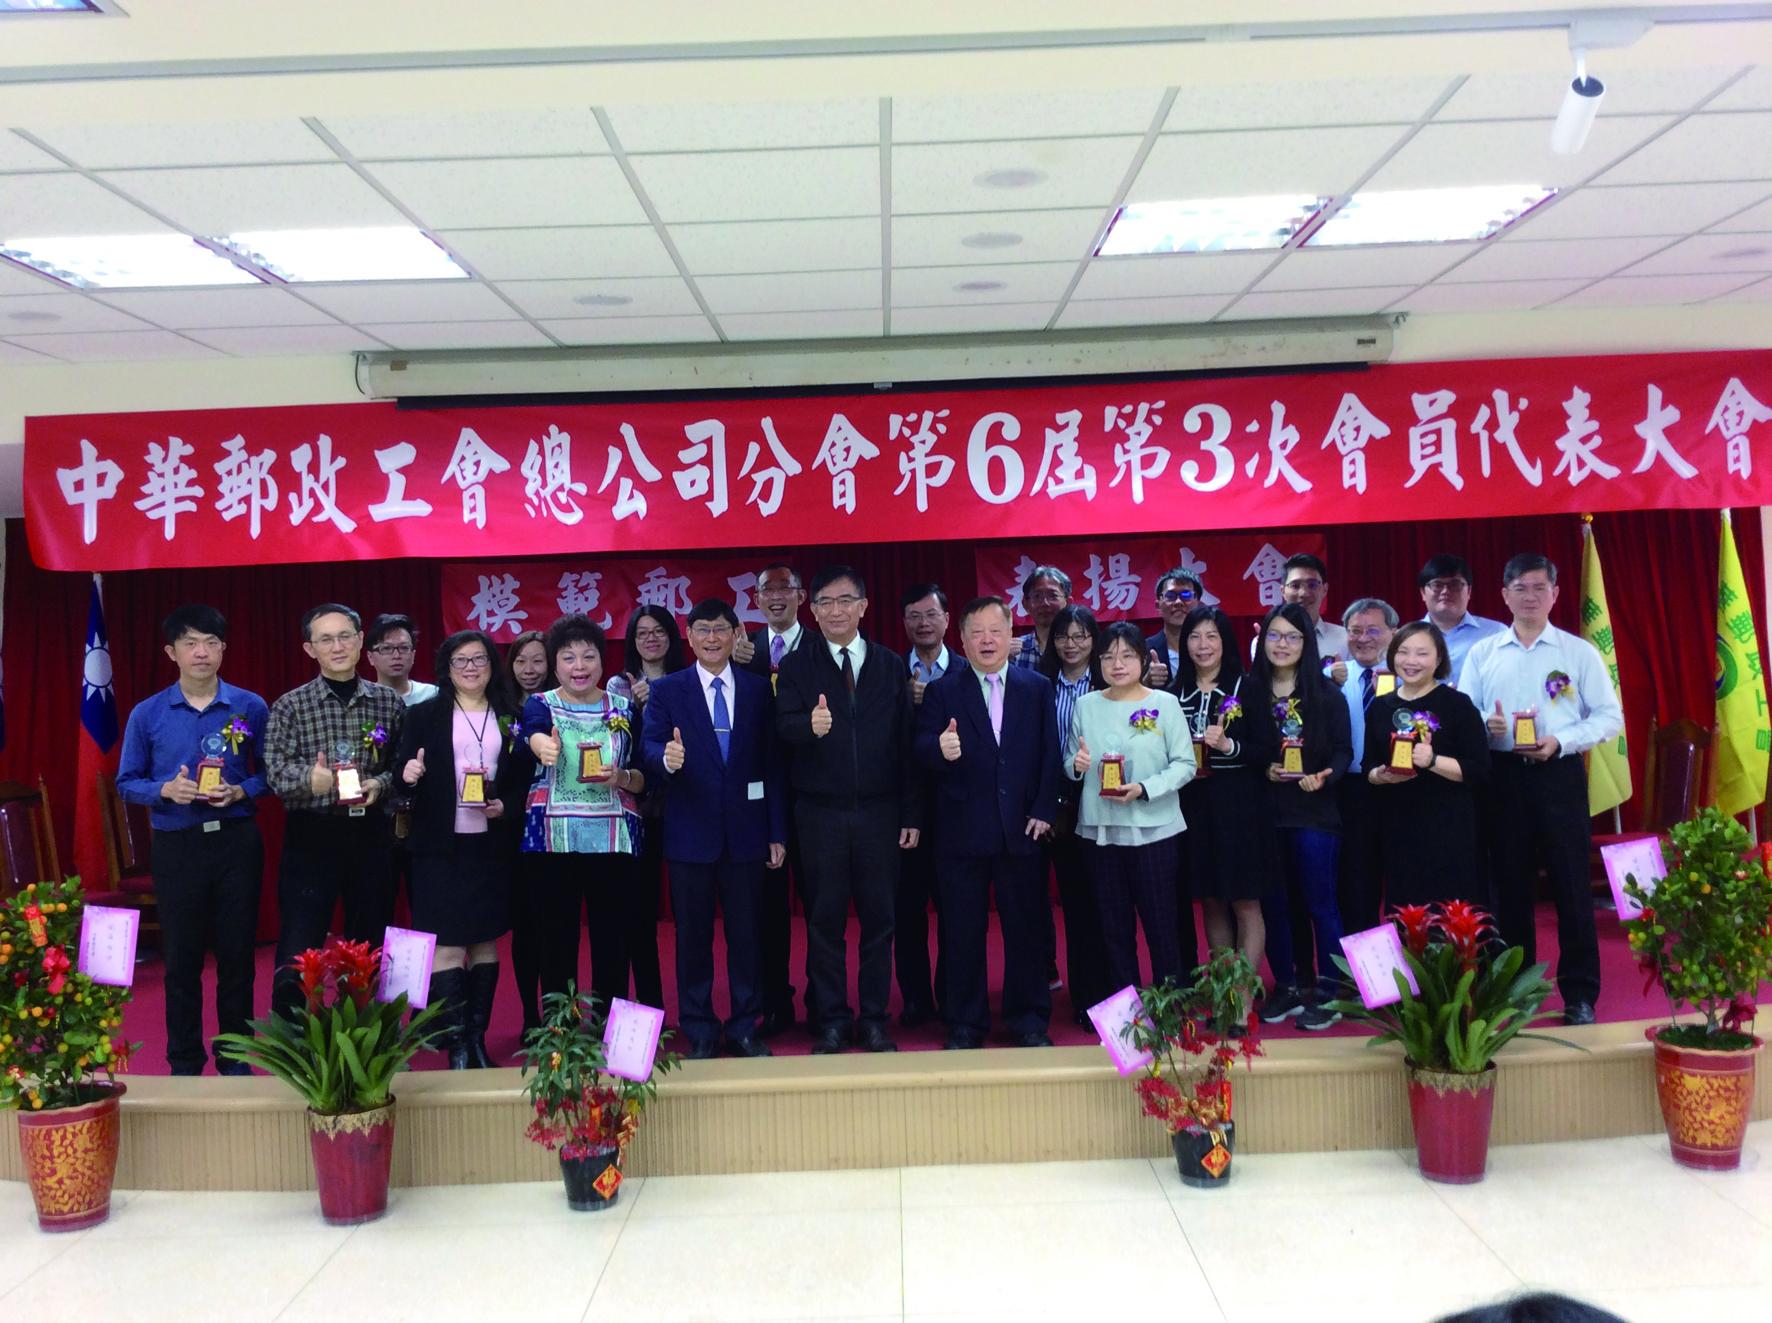 中華郵政工會總公司分會第6屆第3次會員代表大會